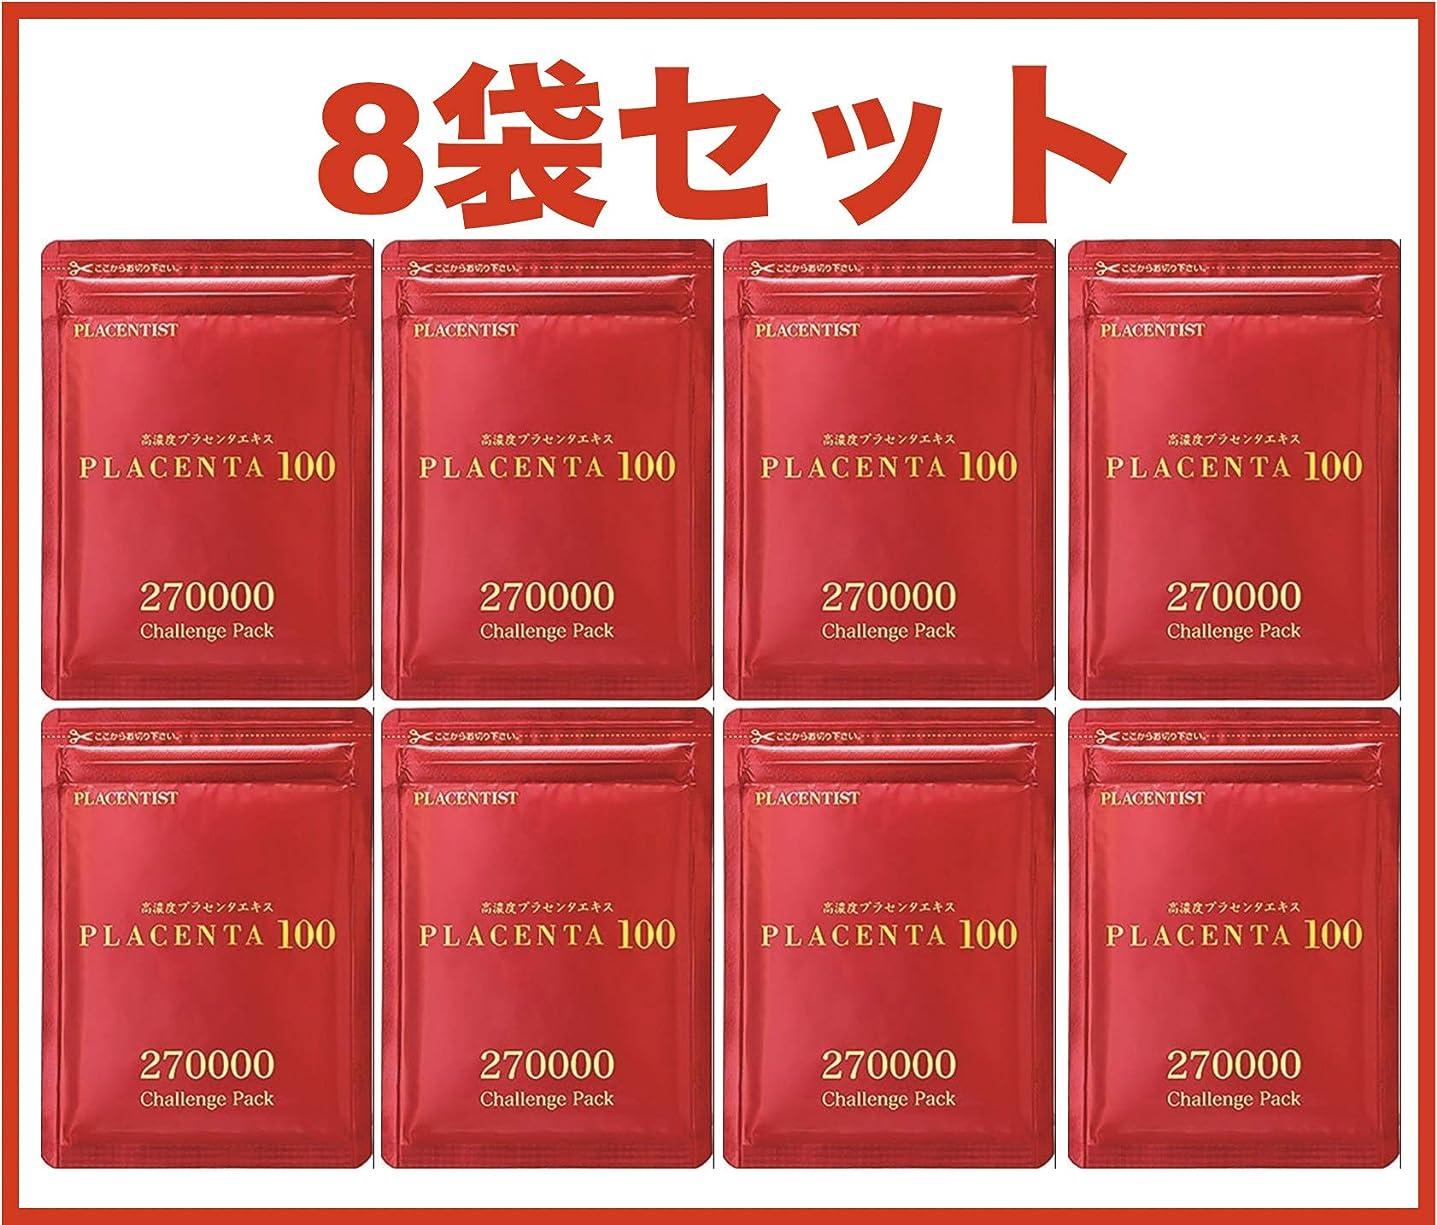 バイナリ魔法長椅子プラセンタ100 8袋セット 27000 チャレンジパック